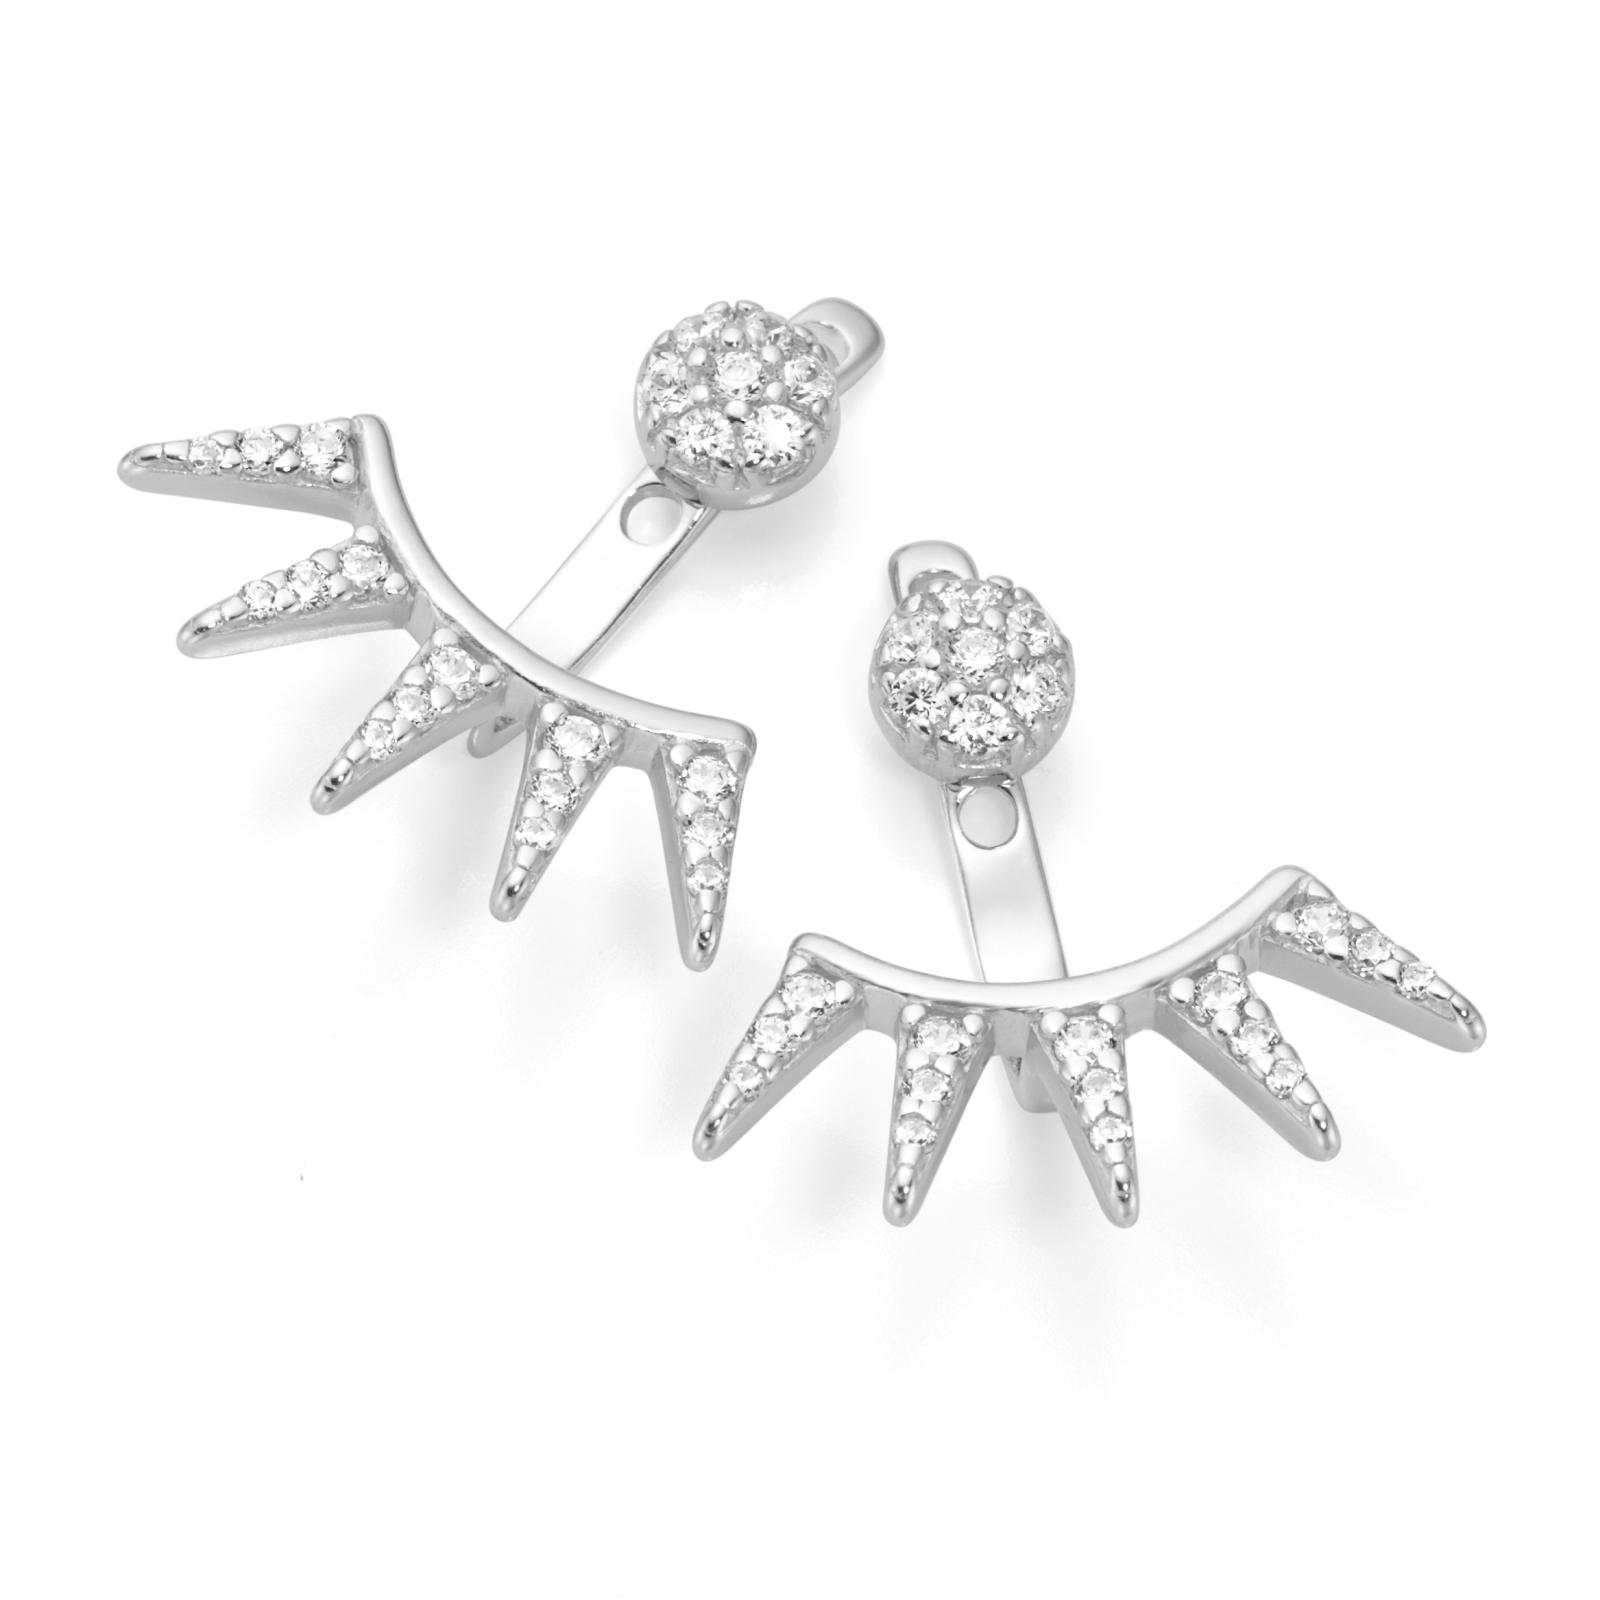 2-teilig Einhänger mit Zacken, Silber 925